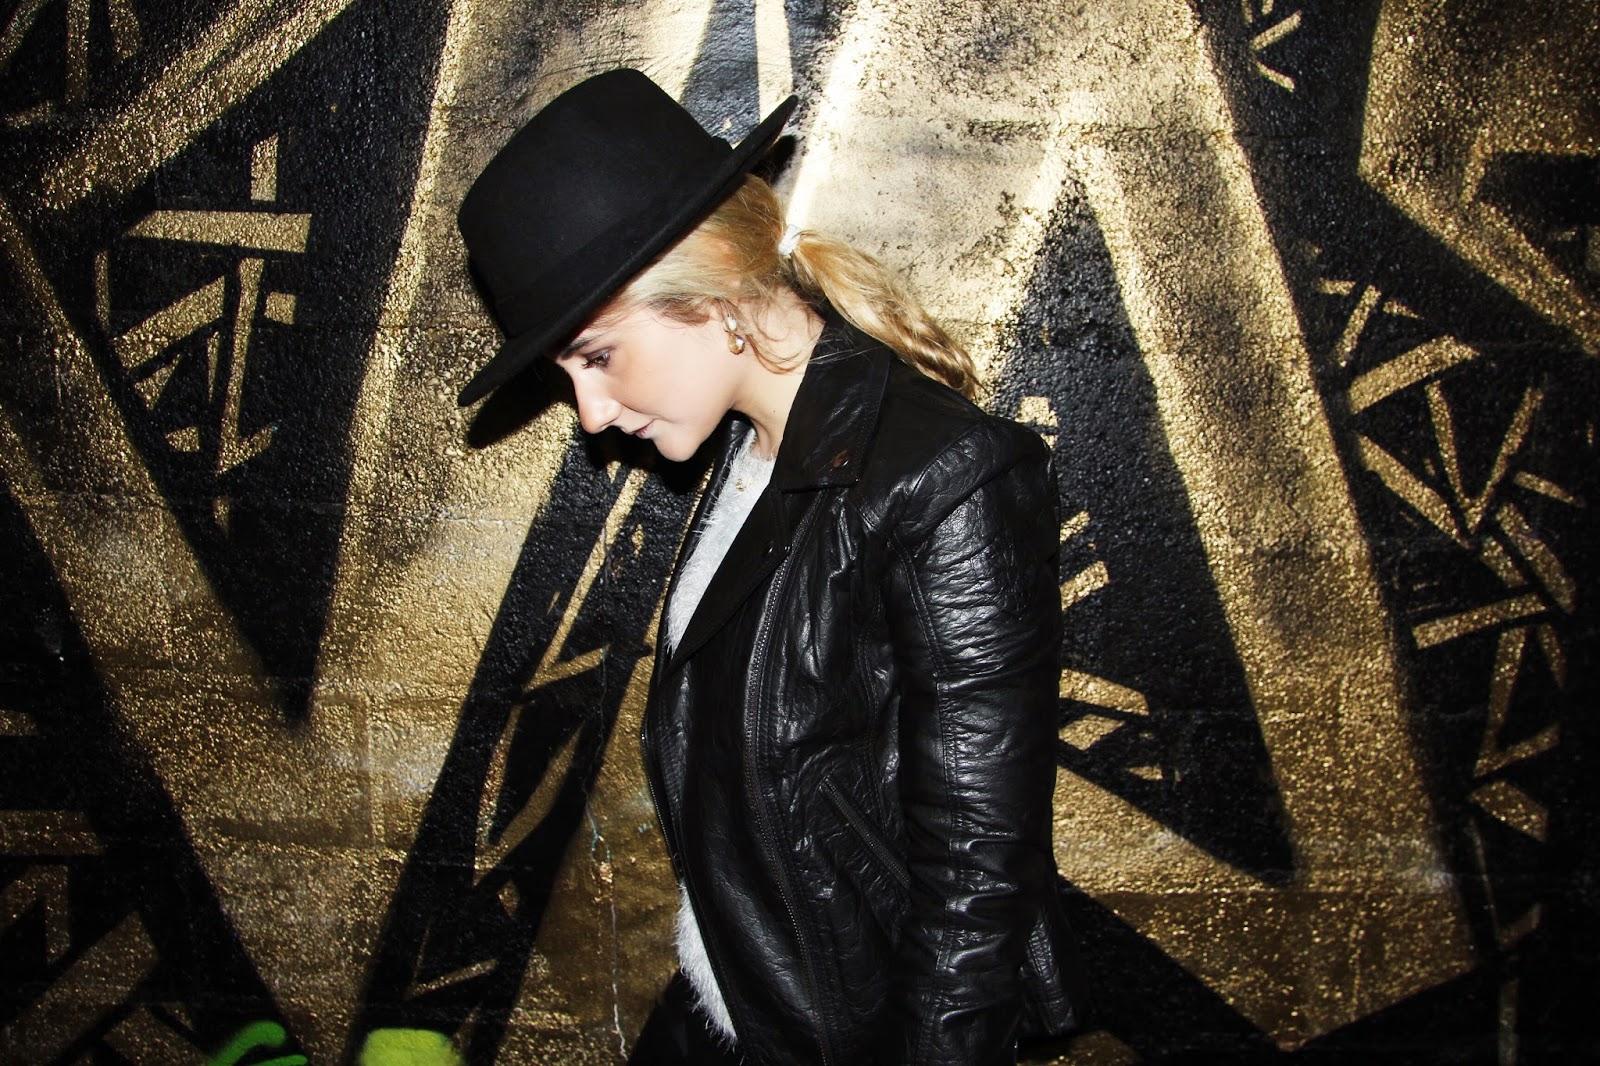 Camille et les garçons LBJ (Little black jacket) 1